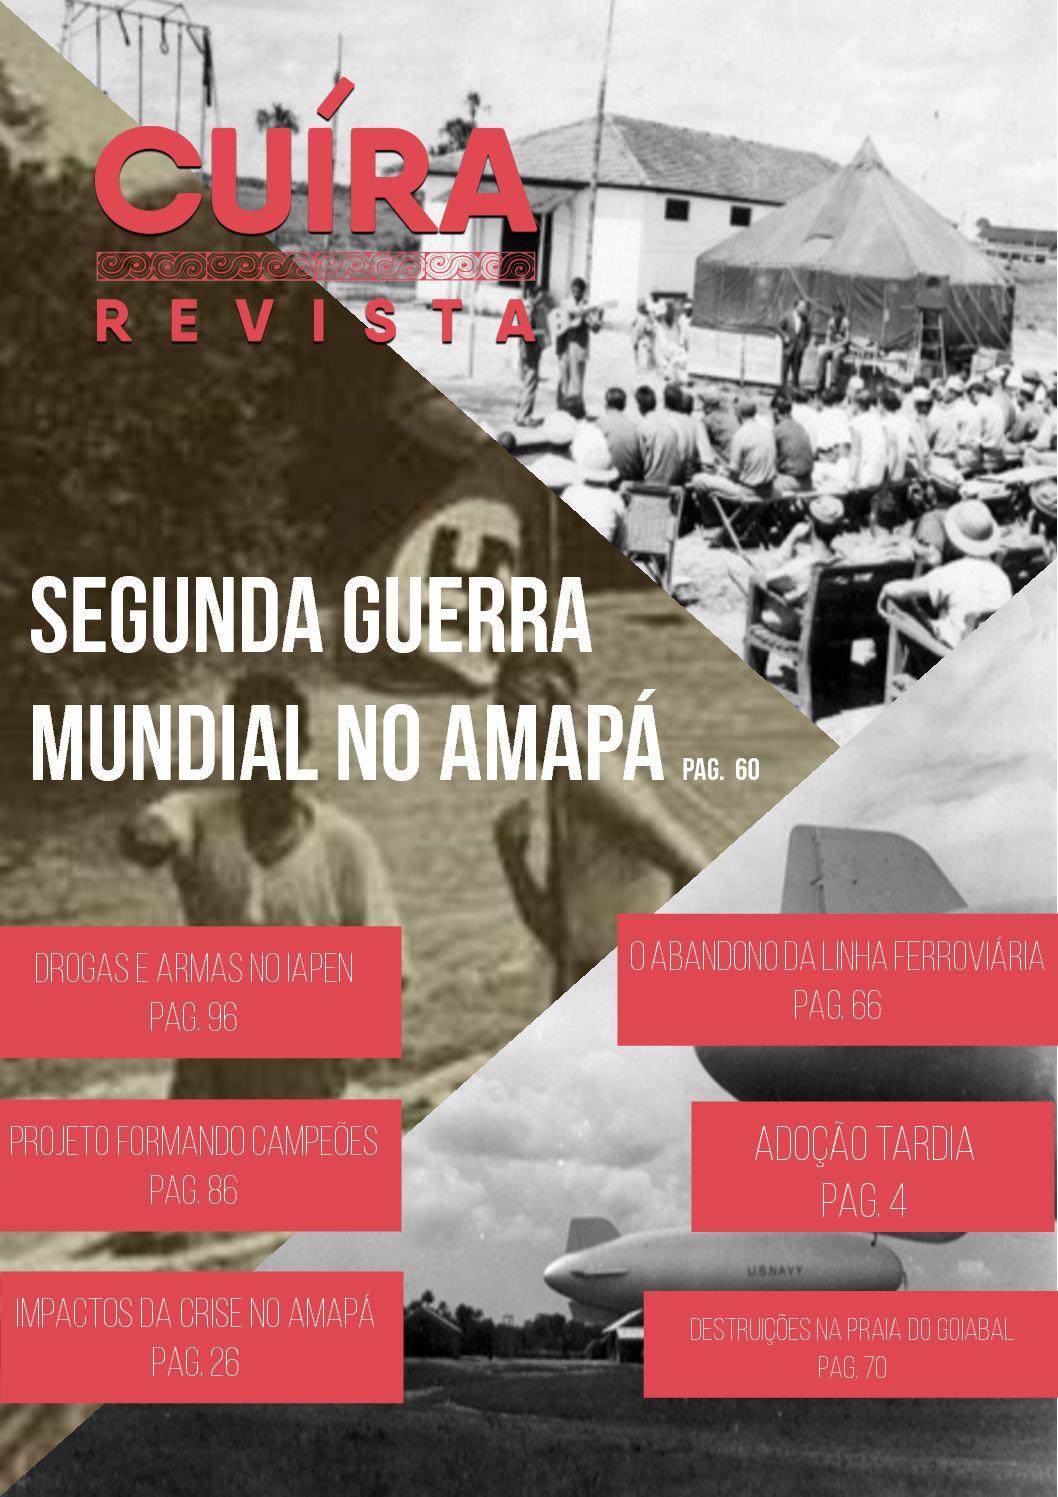 a6d8a39c89 Calaméo - Revista Cuíra 1a Edição 2016